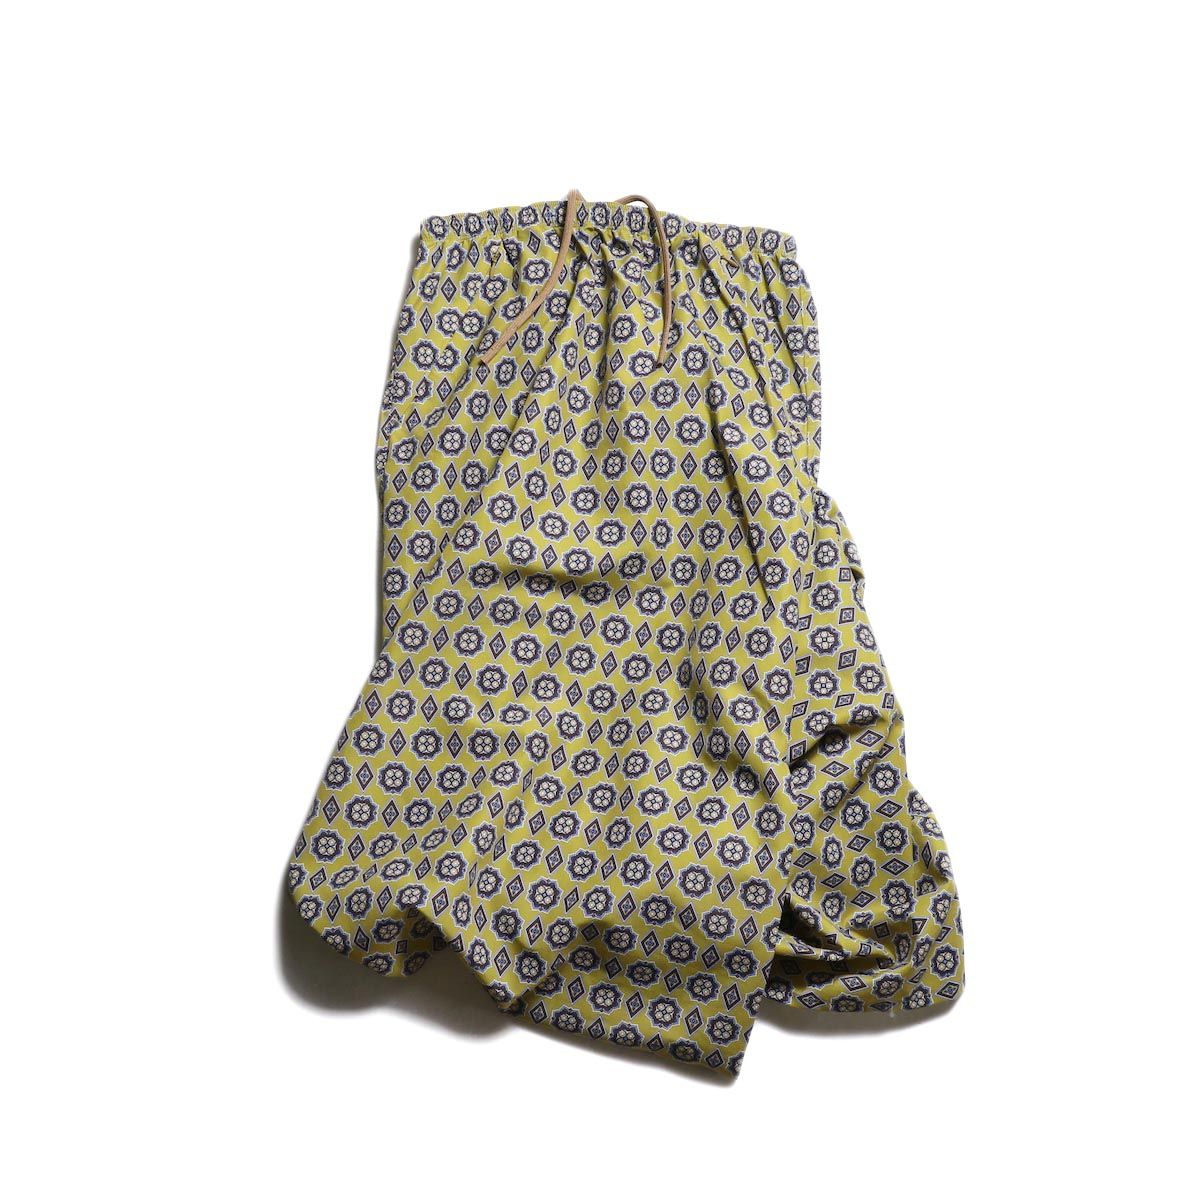 Needles(Ladie's) / Conti Skirt -Nylon Tussore/Print (Khaki)